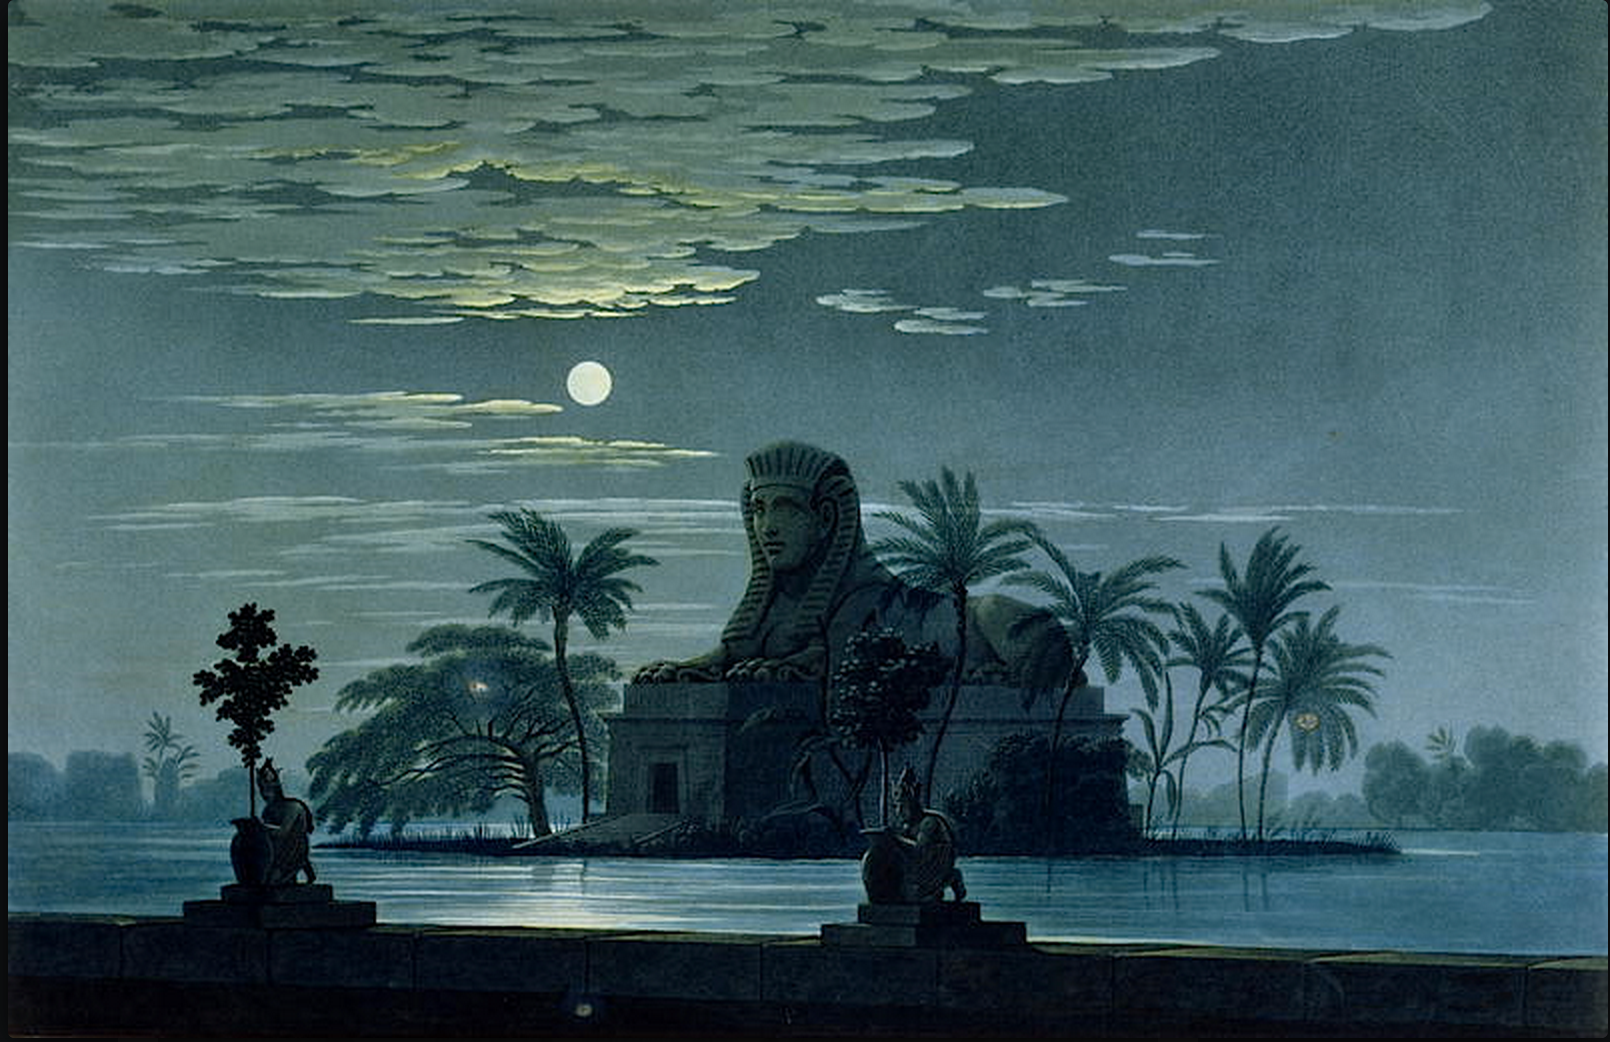 """Karl Friedrich Schinkel (1781–1841) - """"The Garden of Sarastro by Moonlight with Sphinx"""", stage decor design for Mozart's opera """"Die Zauberflöte"""" (The Magic Flute), 1815"""